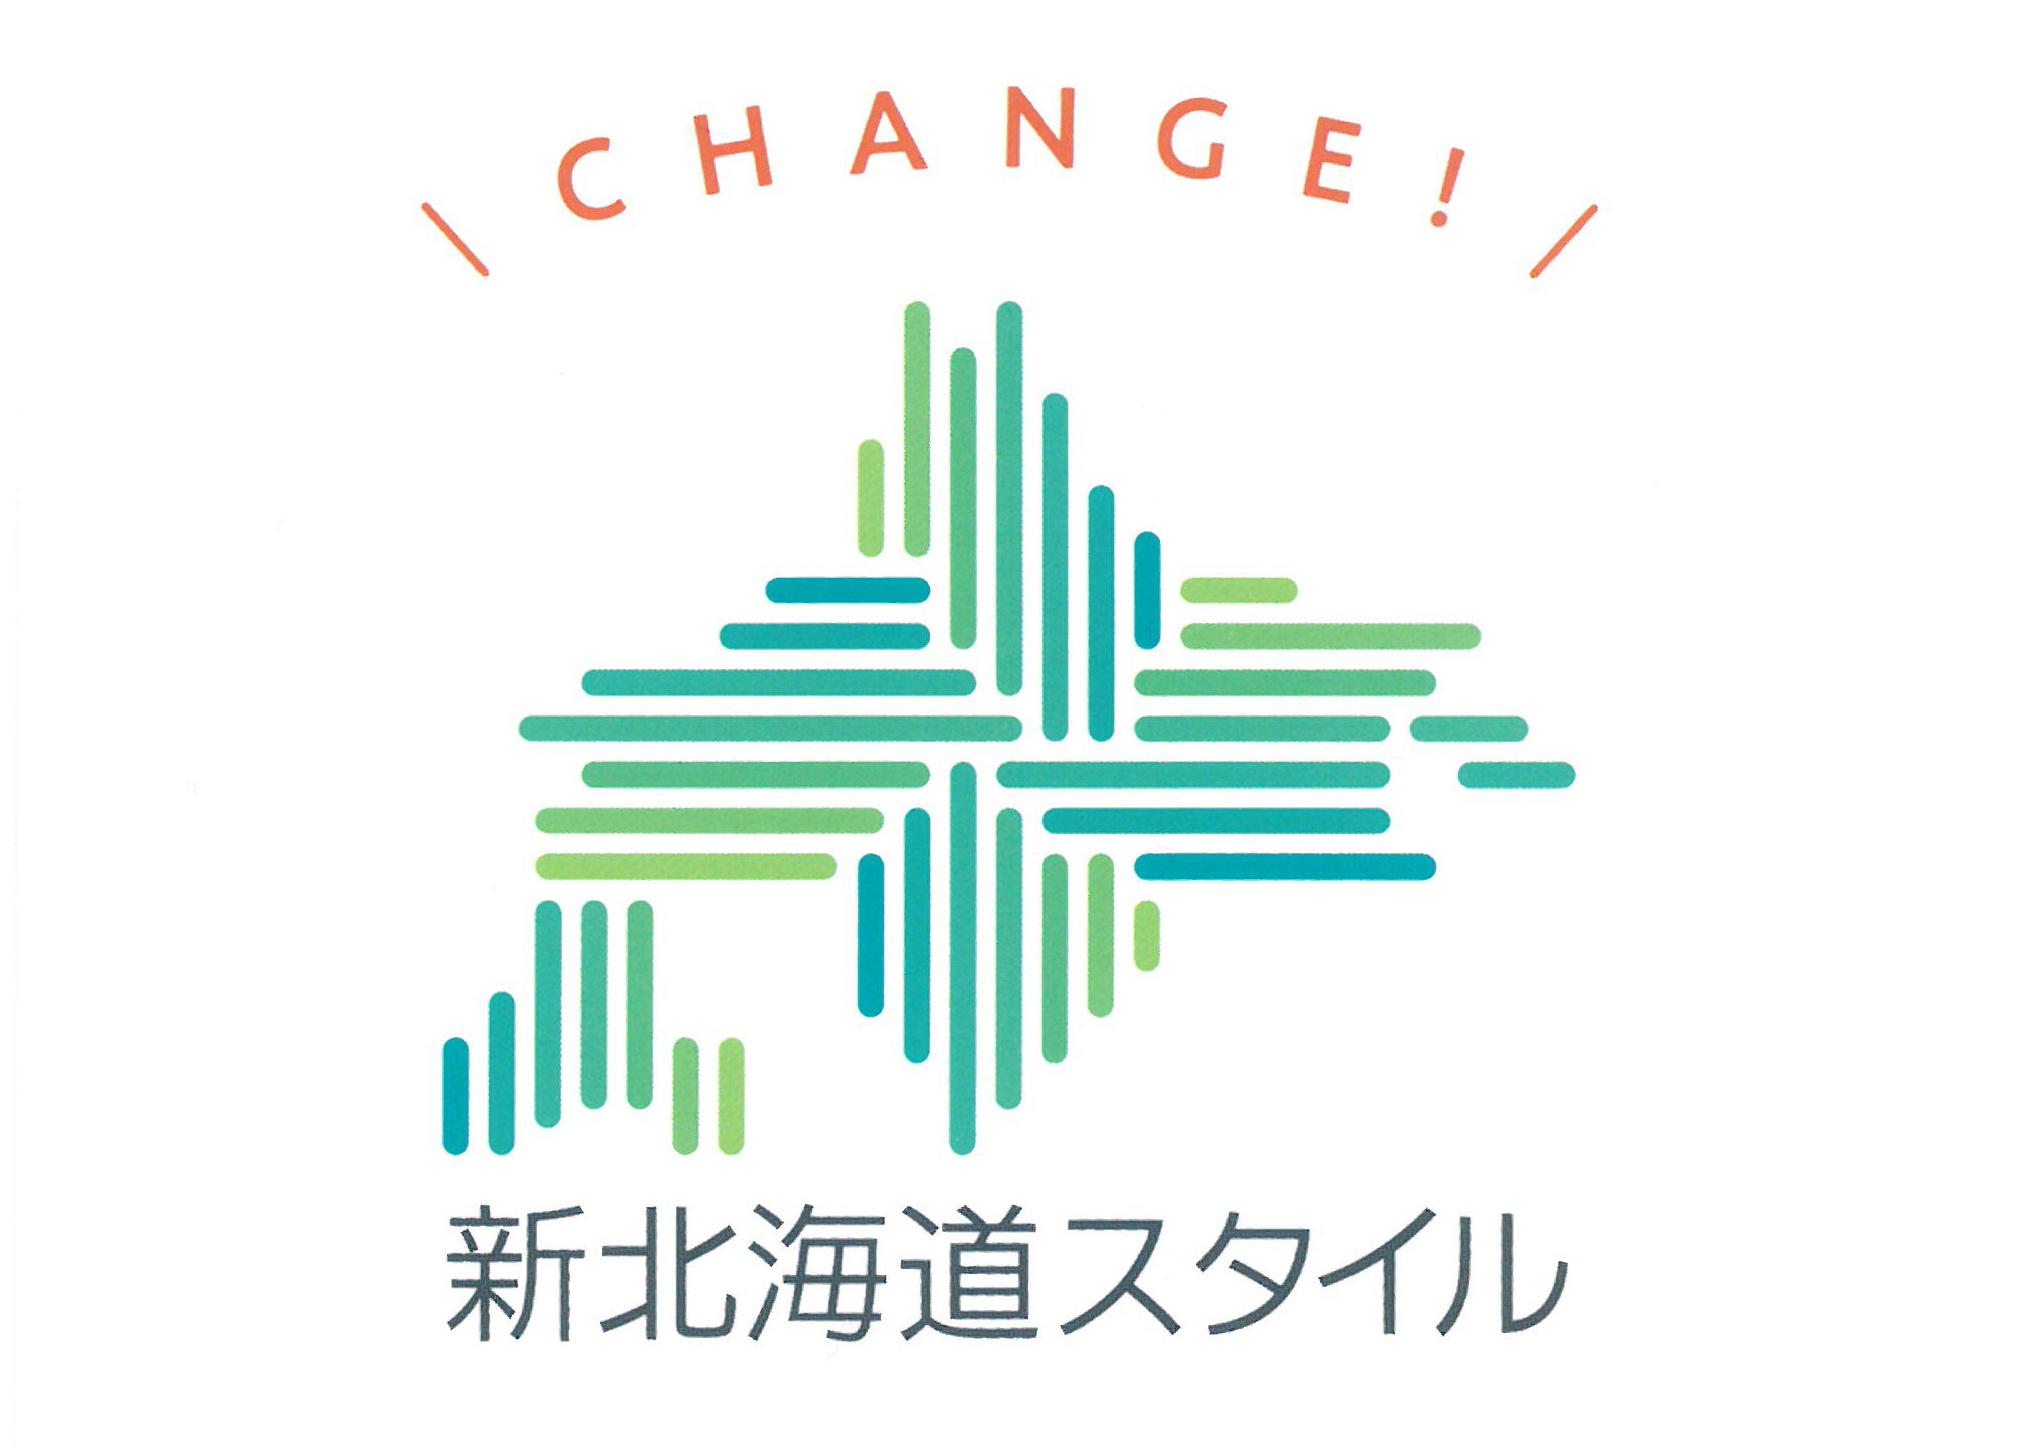 「新北海道スタイル」安全宣言実施中です。ご協力をお願いいたします。